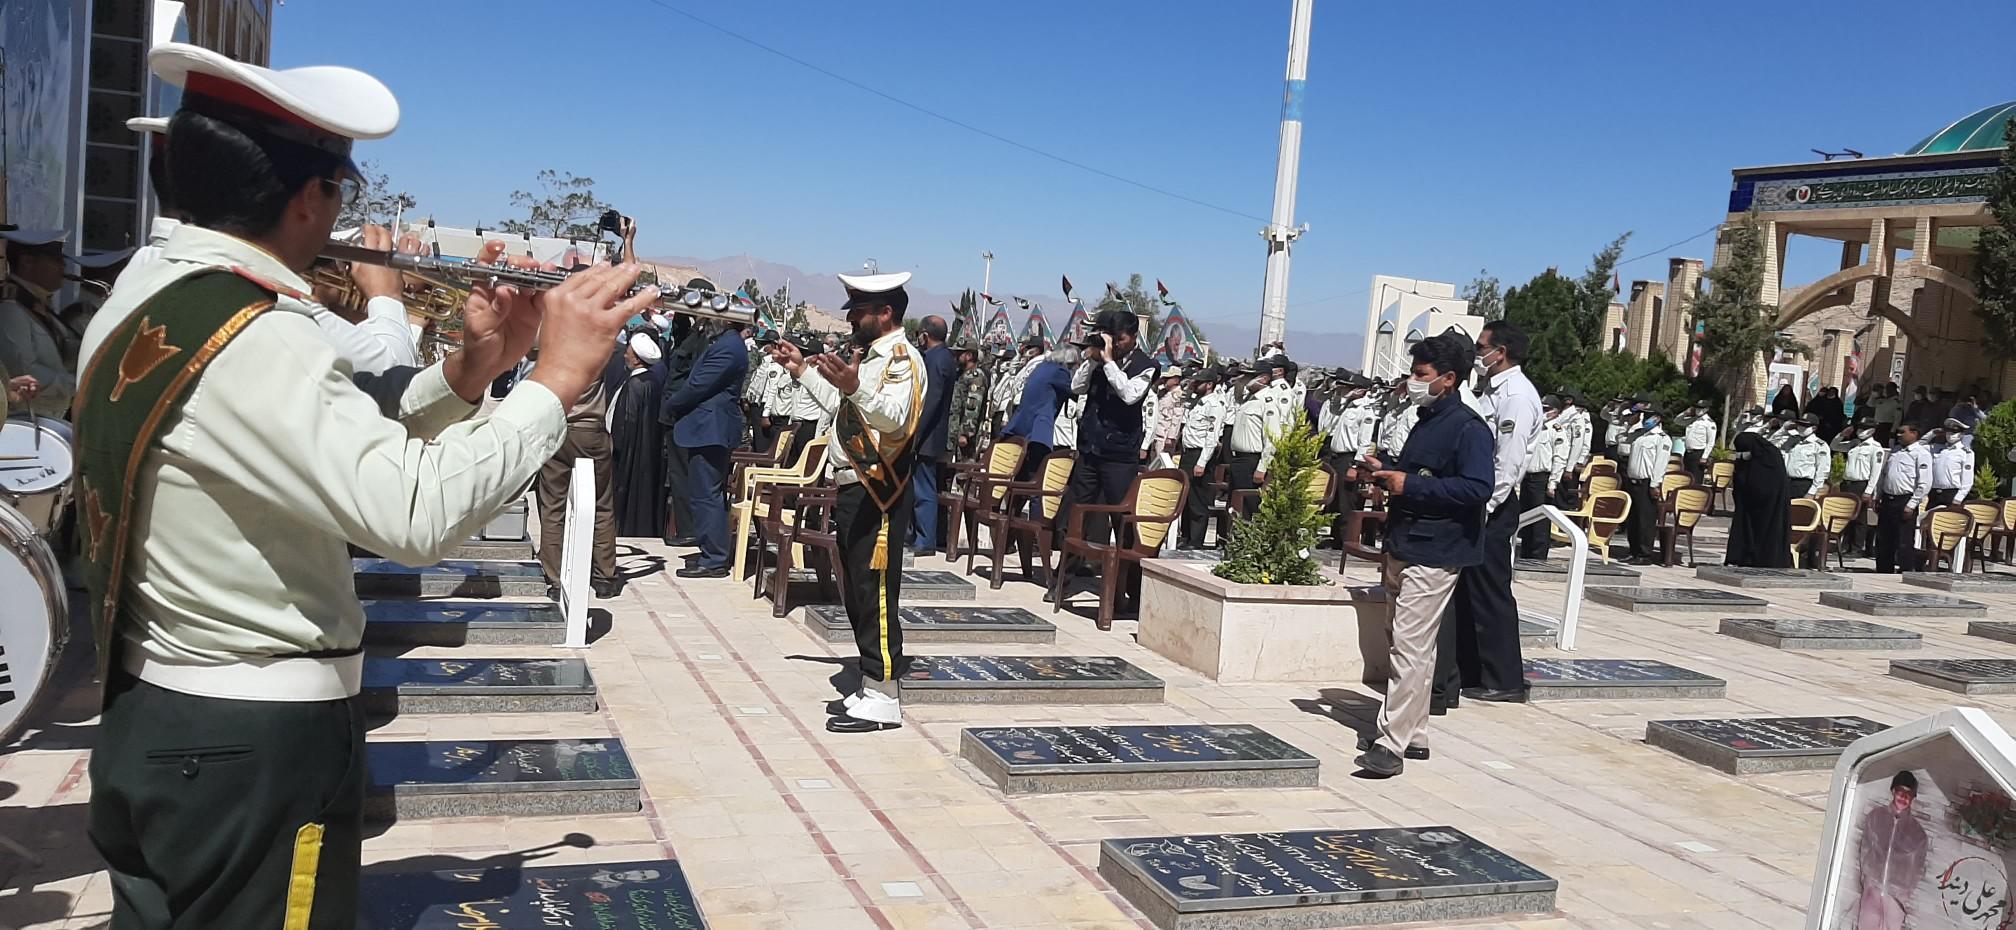 مراسم بزرگداشت سوم خرداد در گلزار شهدای کرمان